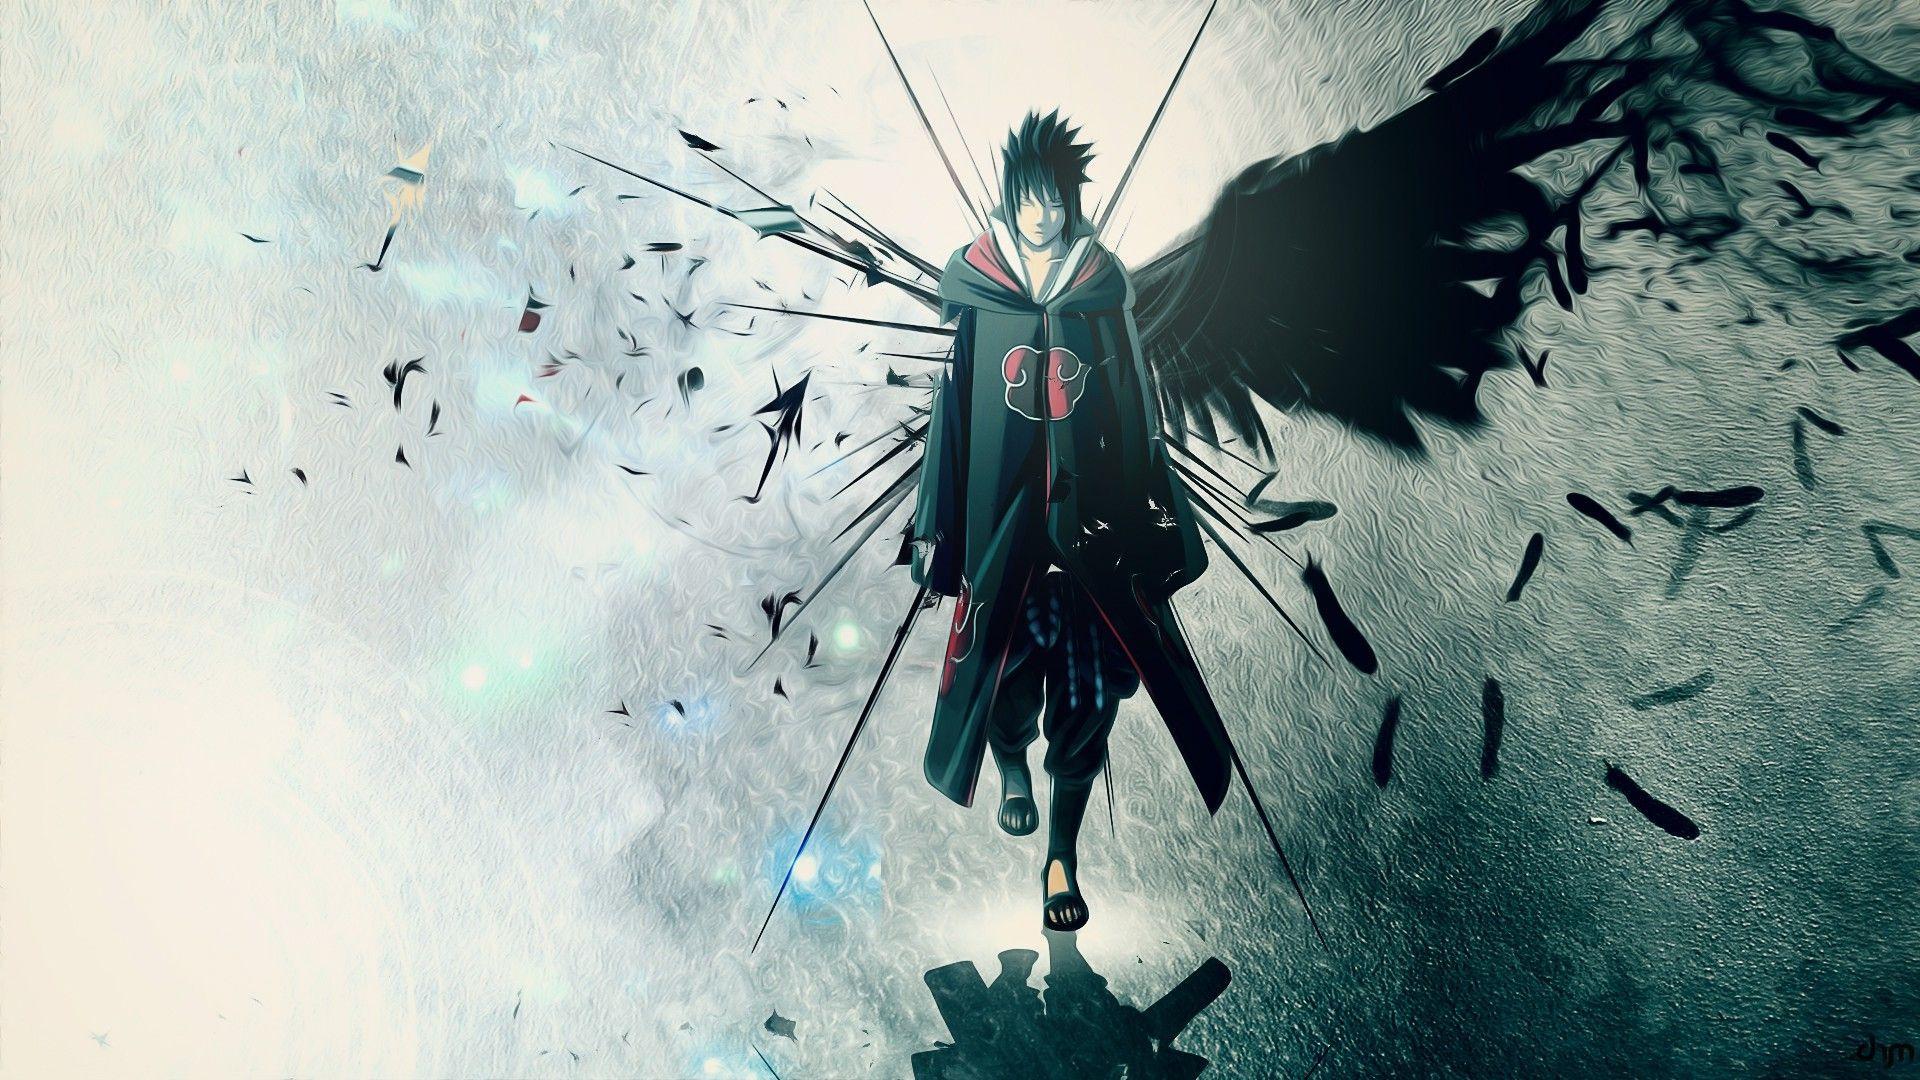 naruto sasuke anime naruto shippuden uchiha sasuke uchiha date 13 10 1920x1080